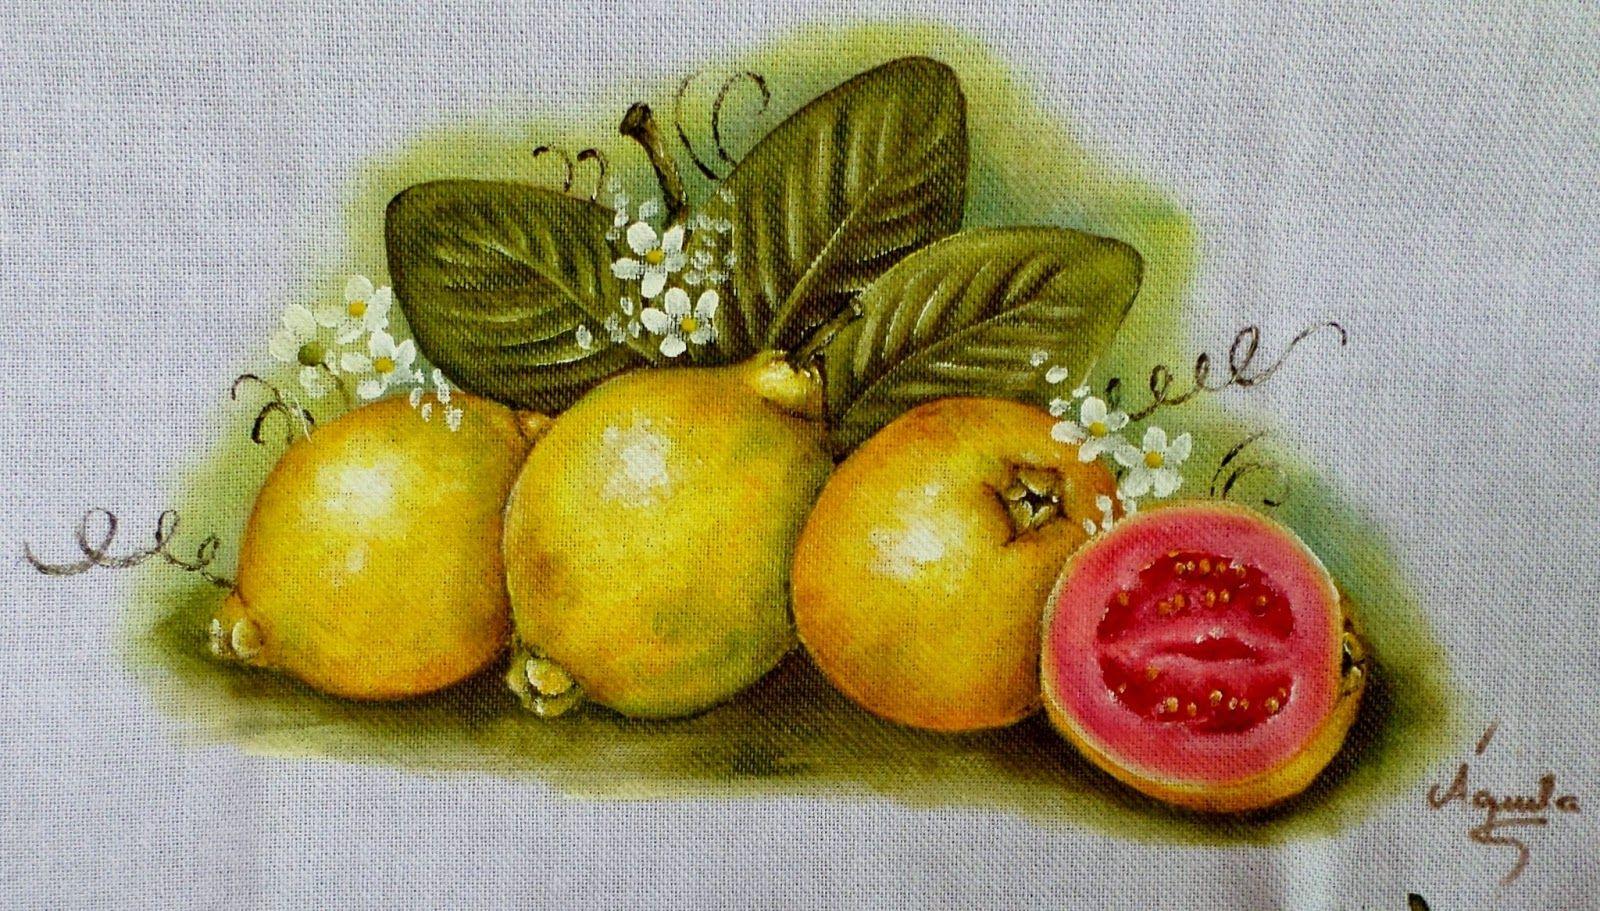 pintura em tecido de flores e frutas